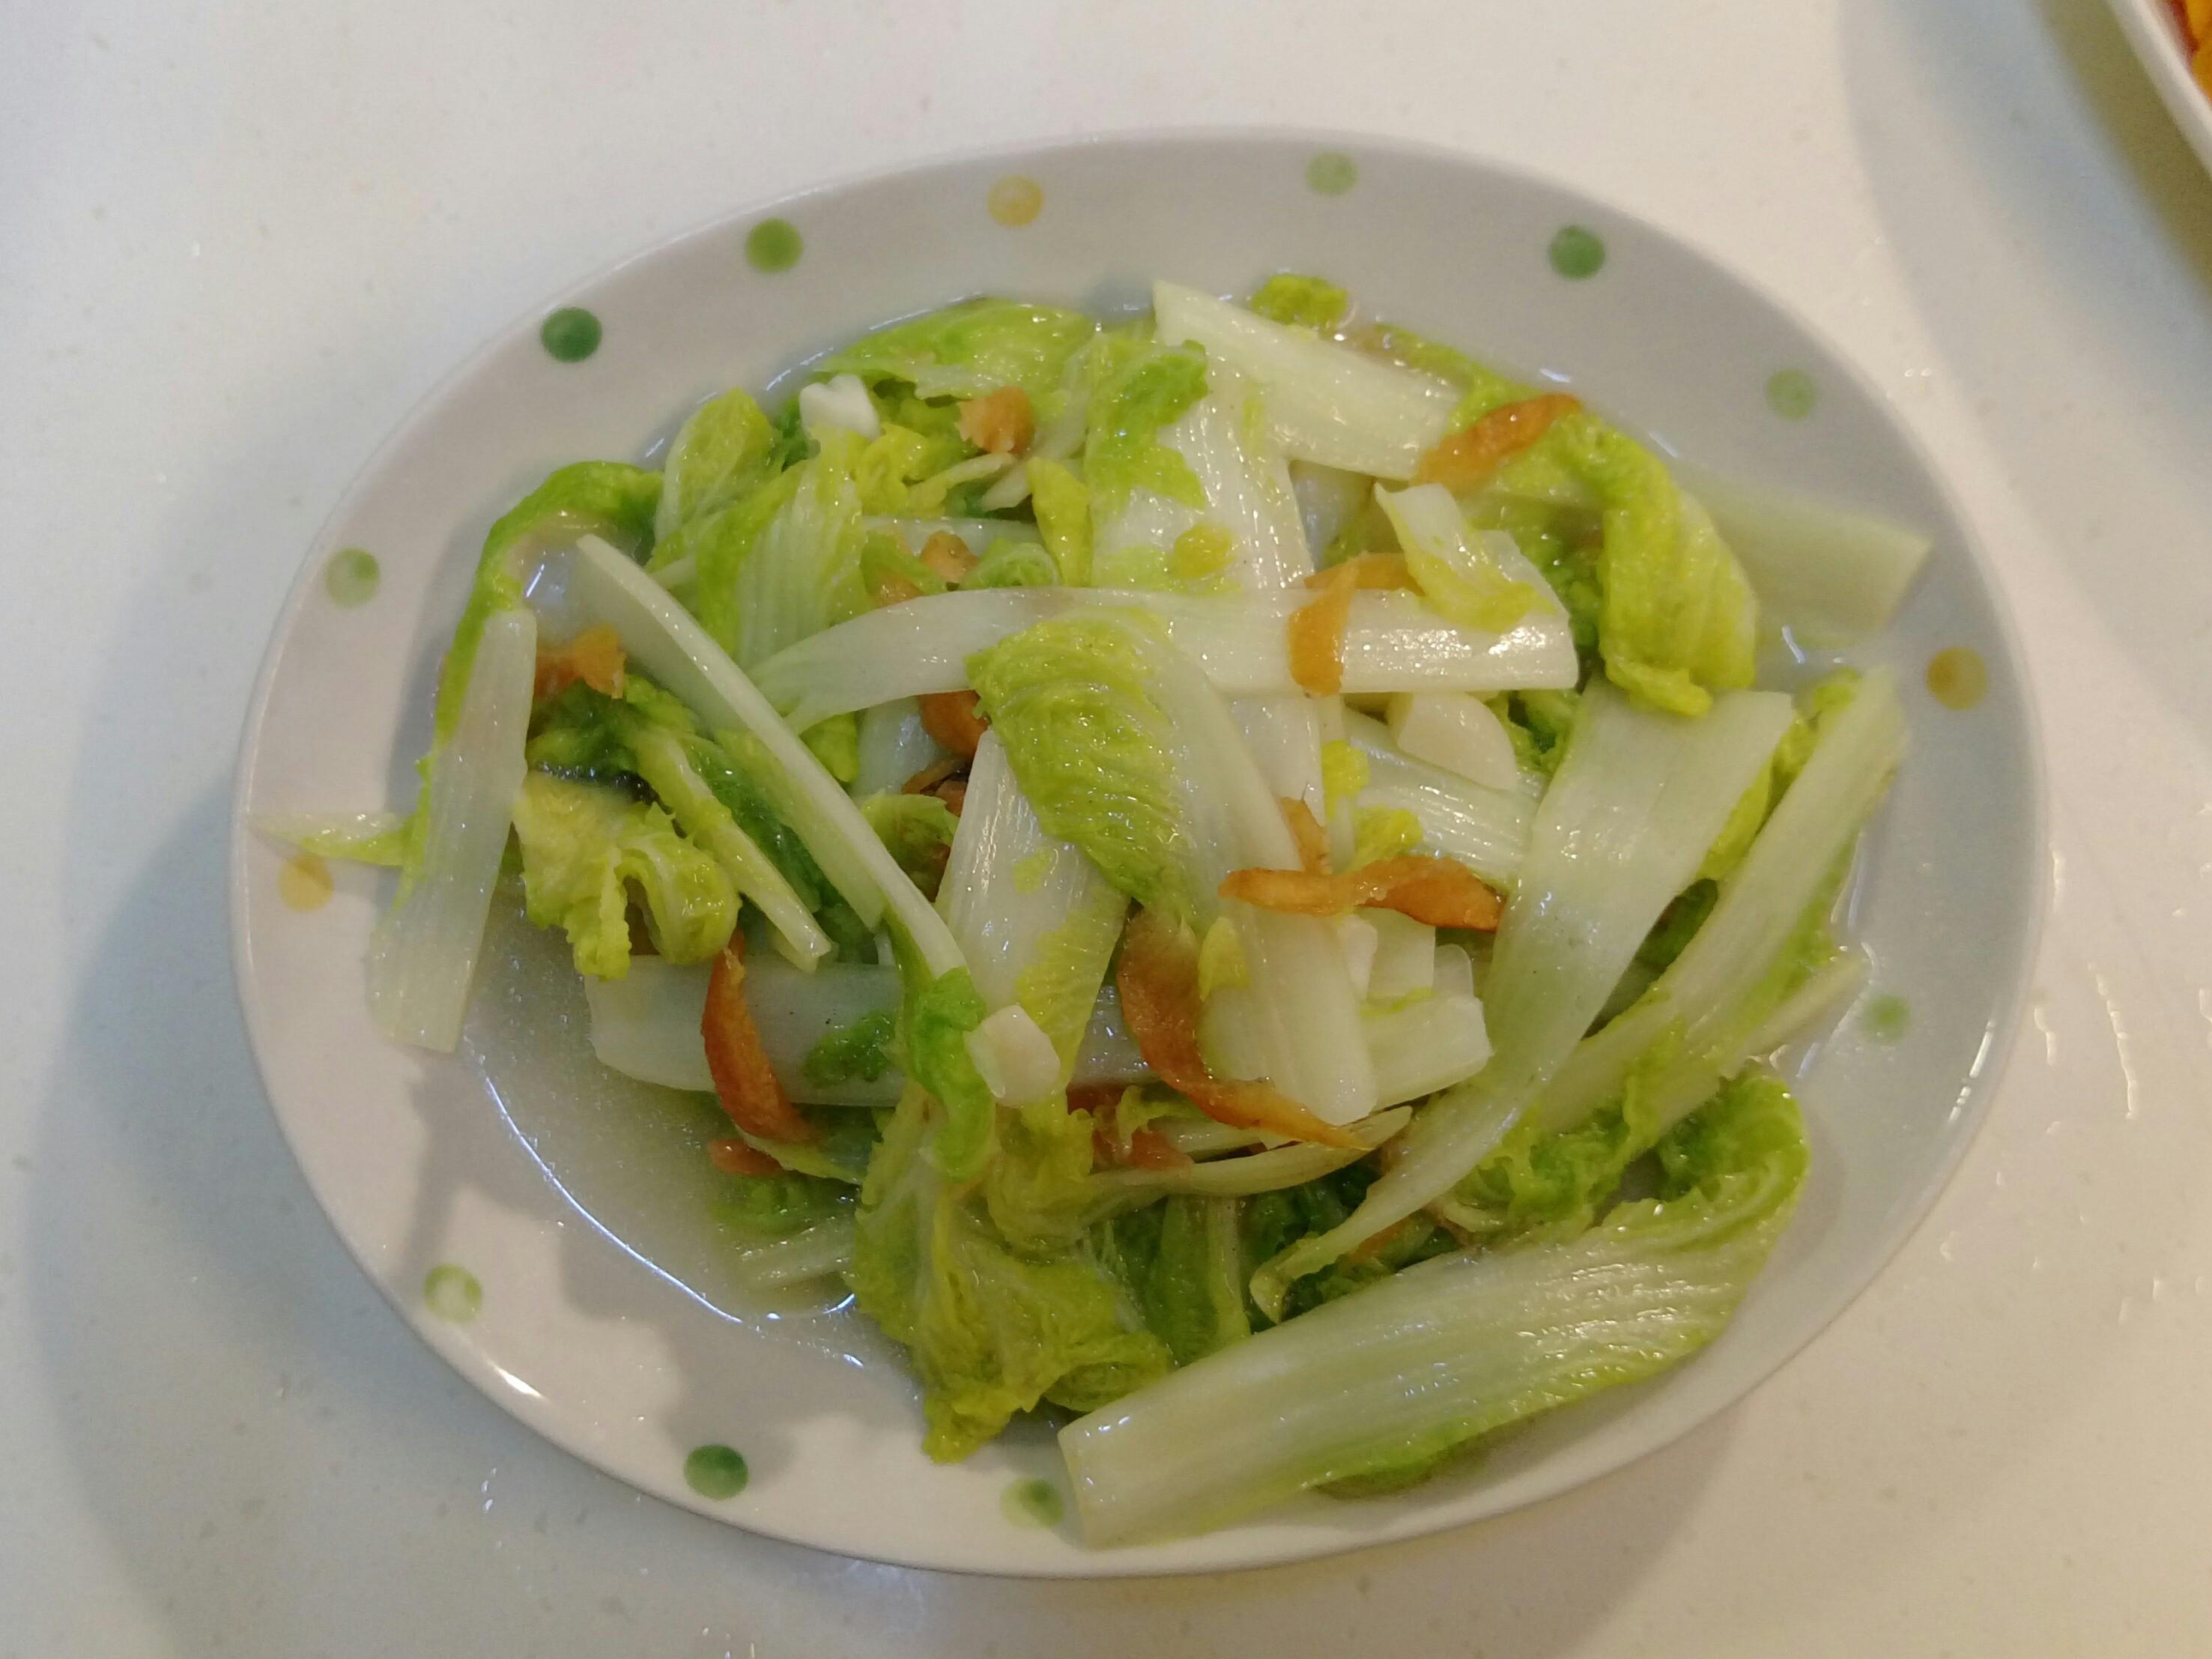 低醣料理-扁魚干炒娃娃菜